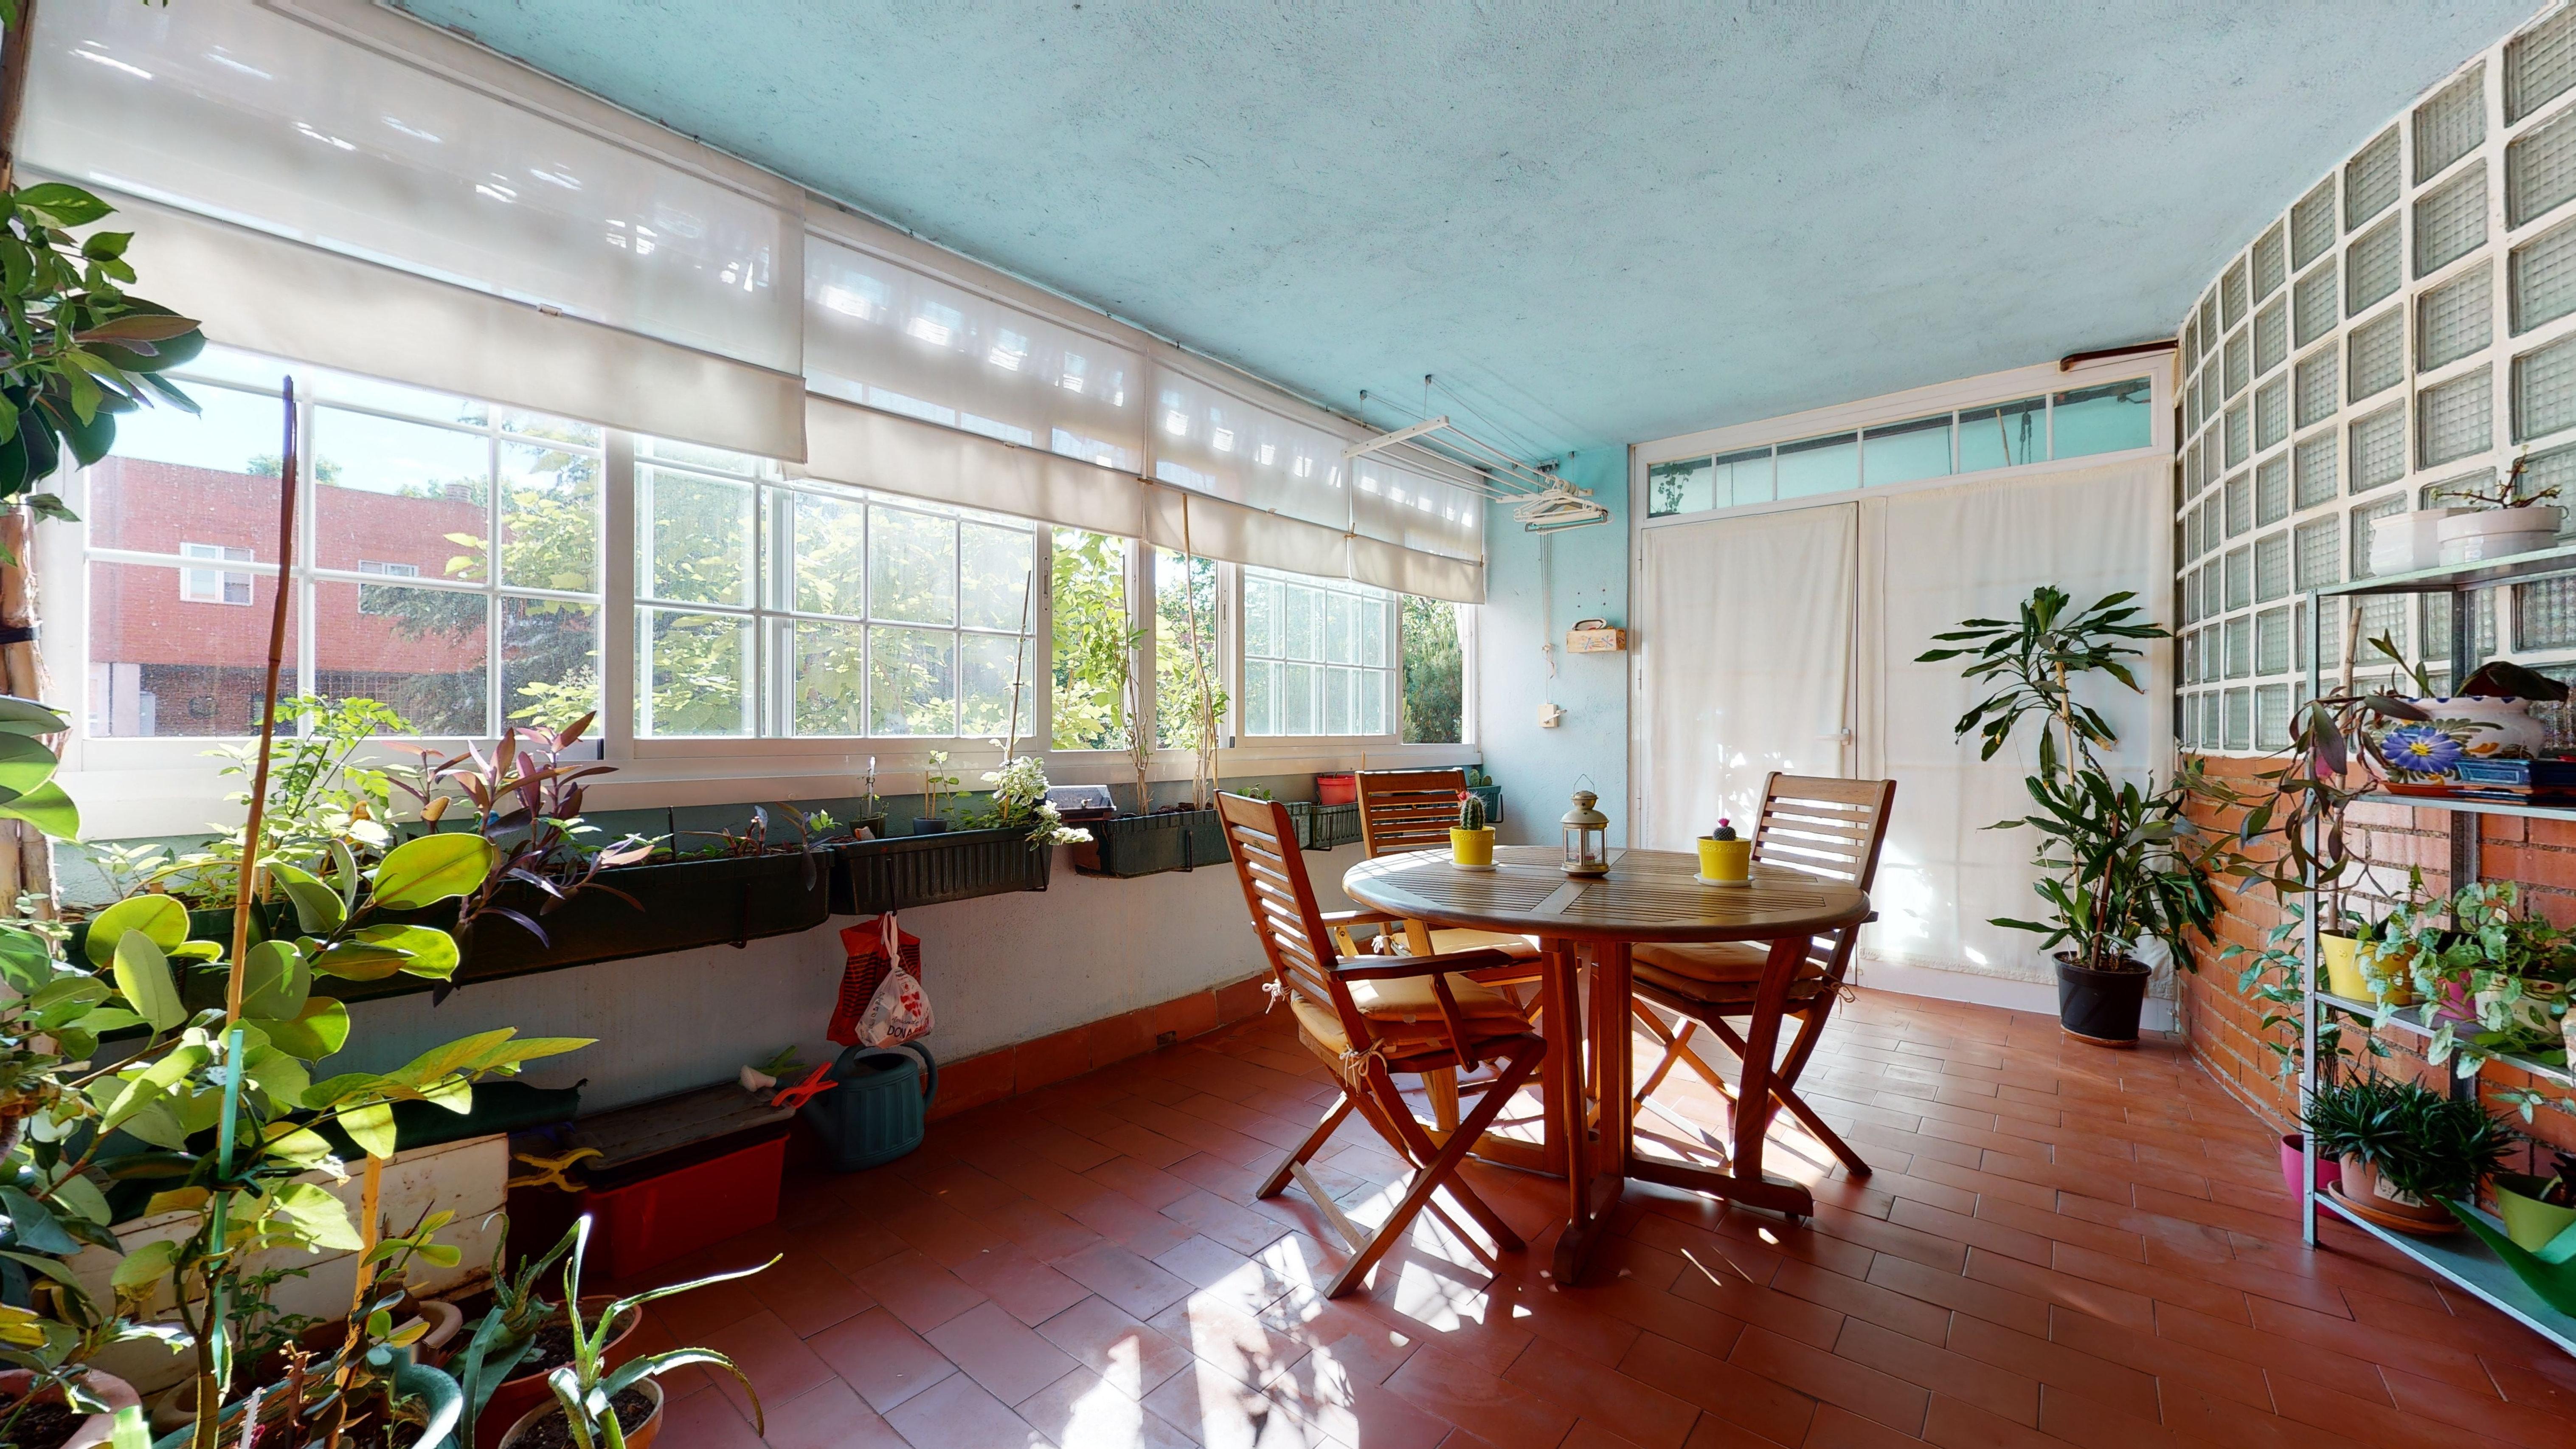 Duplex-en-Rivas-Vaciamadrid-05282020_030